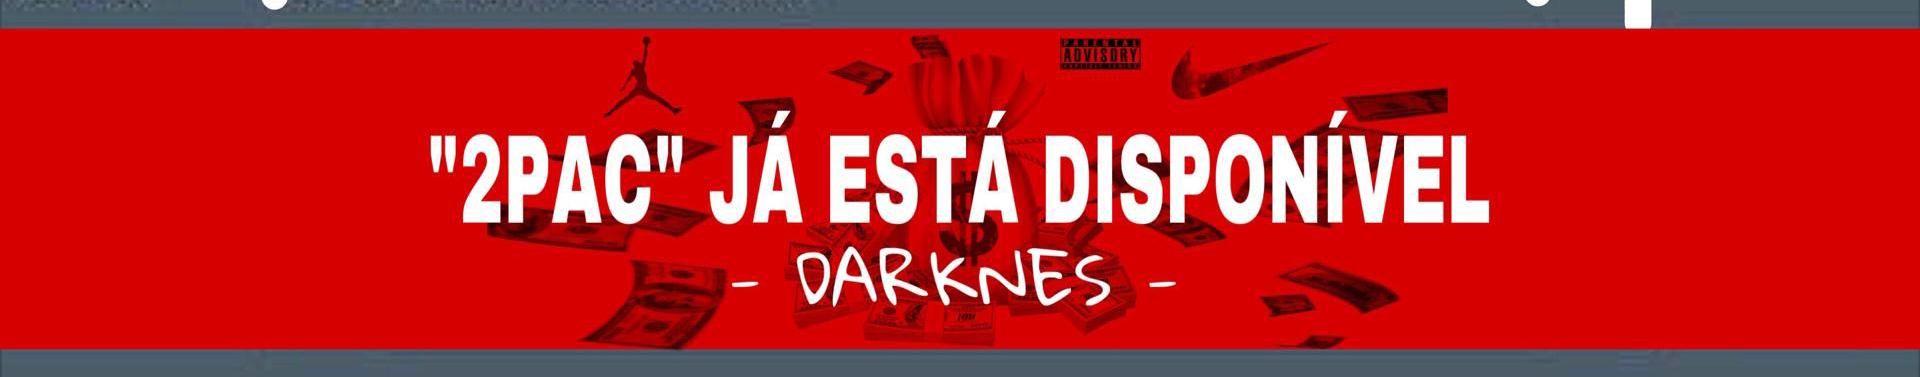 Imagem de capa de Darknes